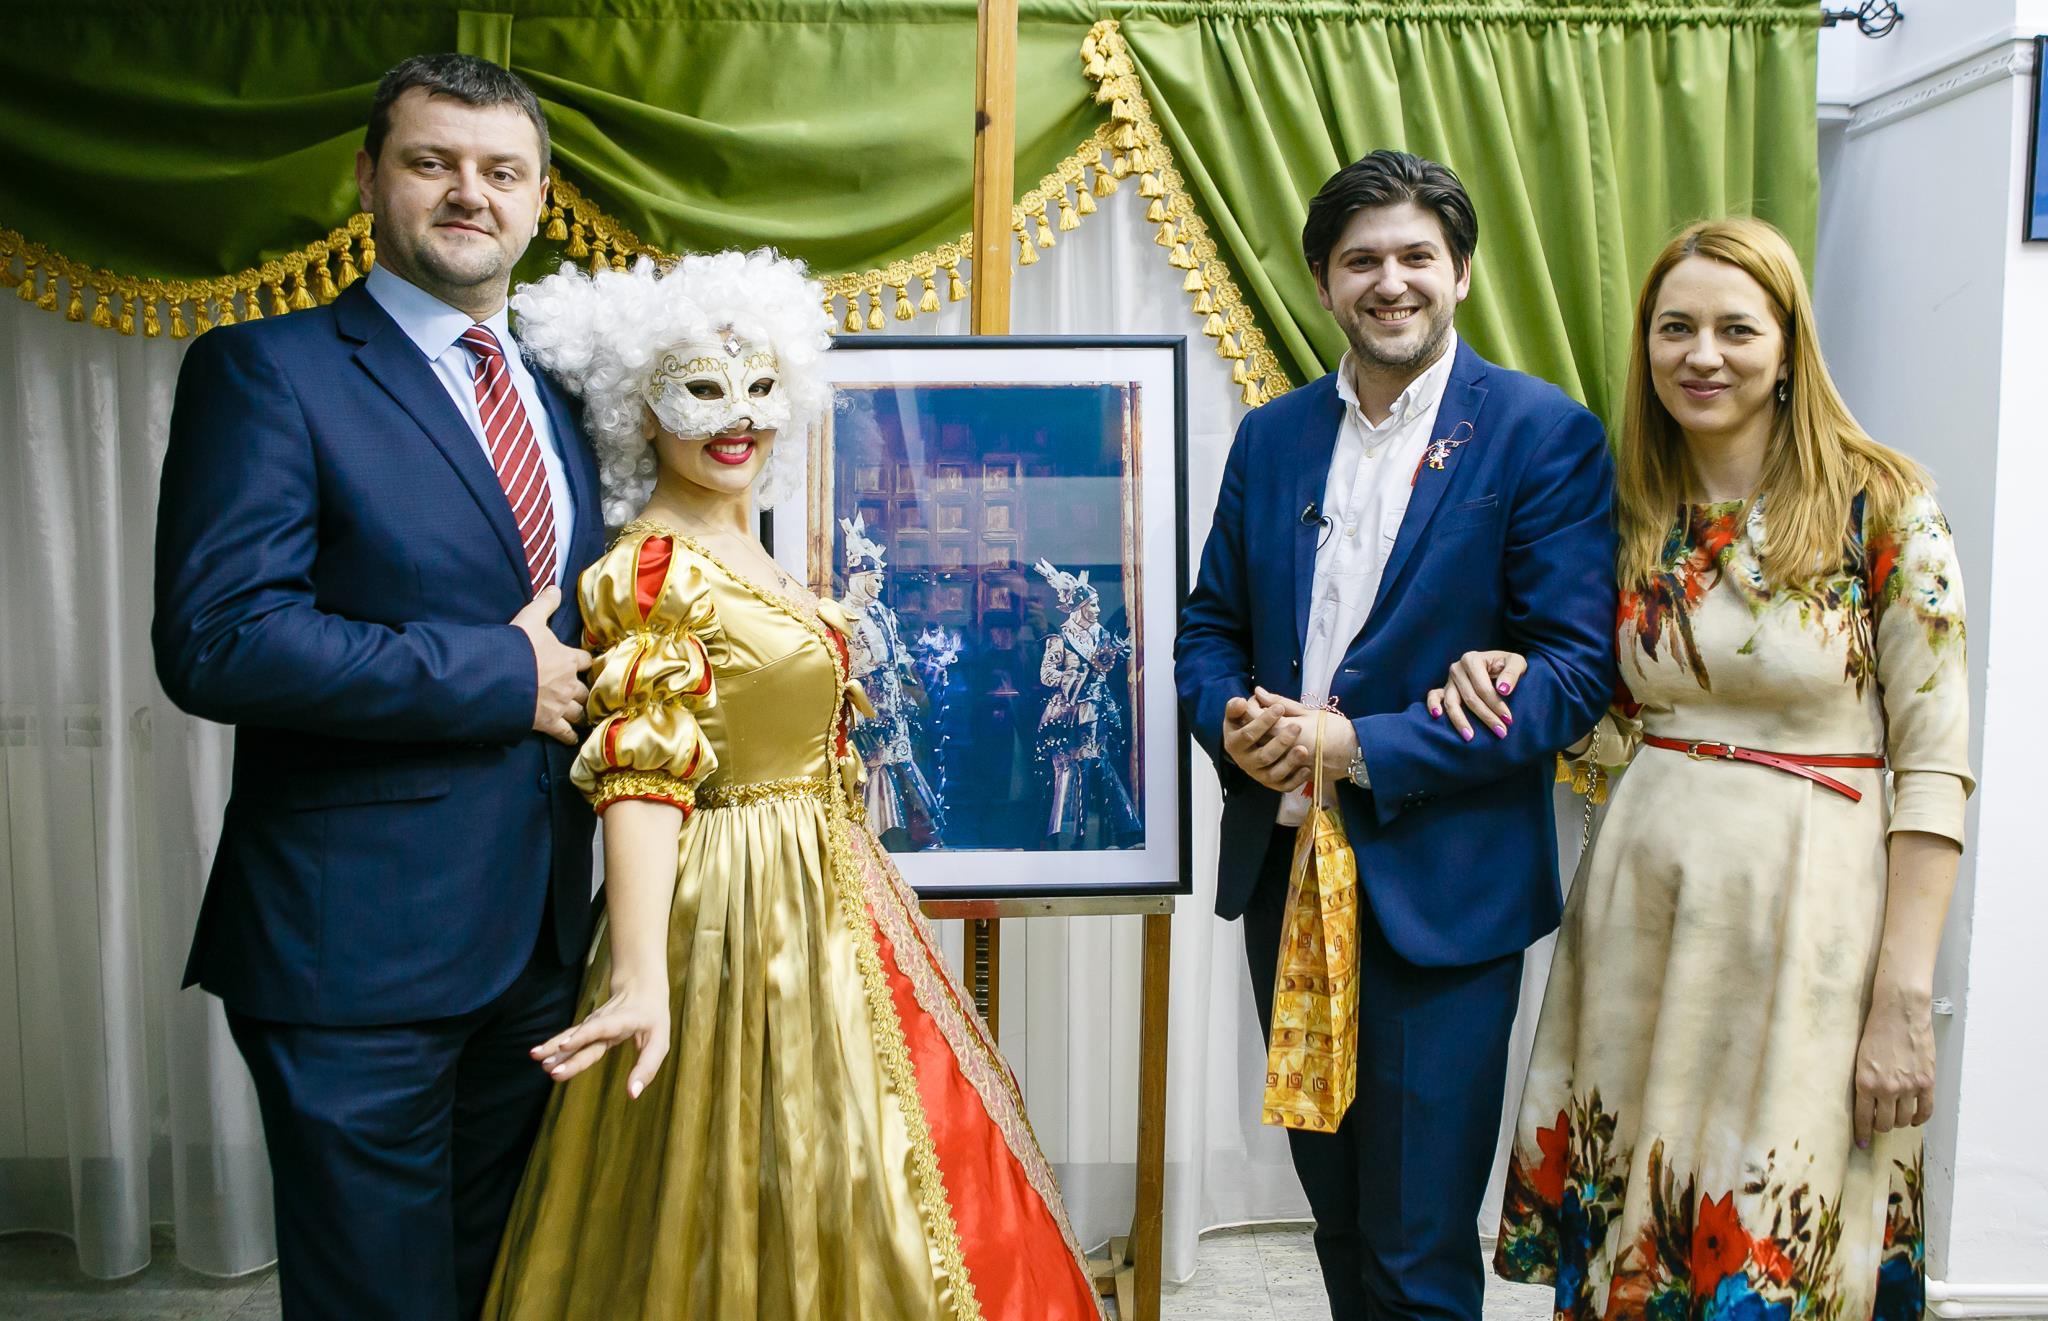 Vernisaj Expozitie de Fotografie Povesti Venetiene Paul Padurariu fotograf profesionist Iasi - fotografie cu invitati